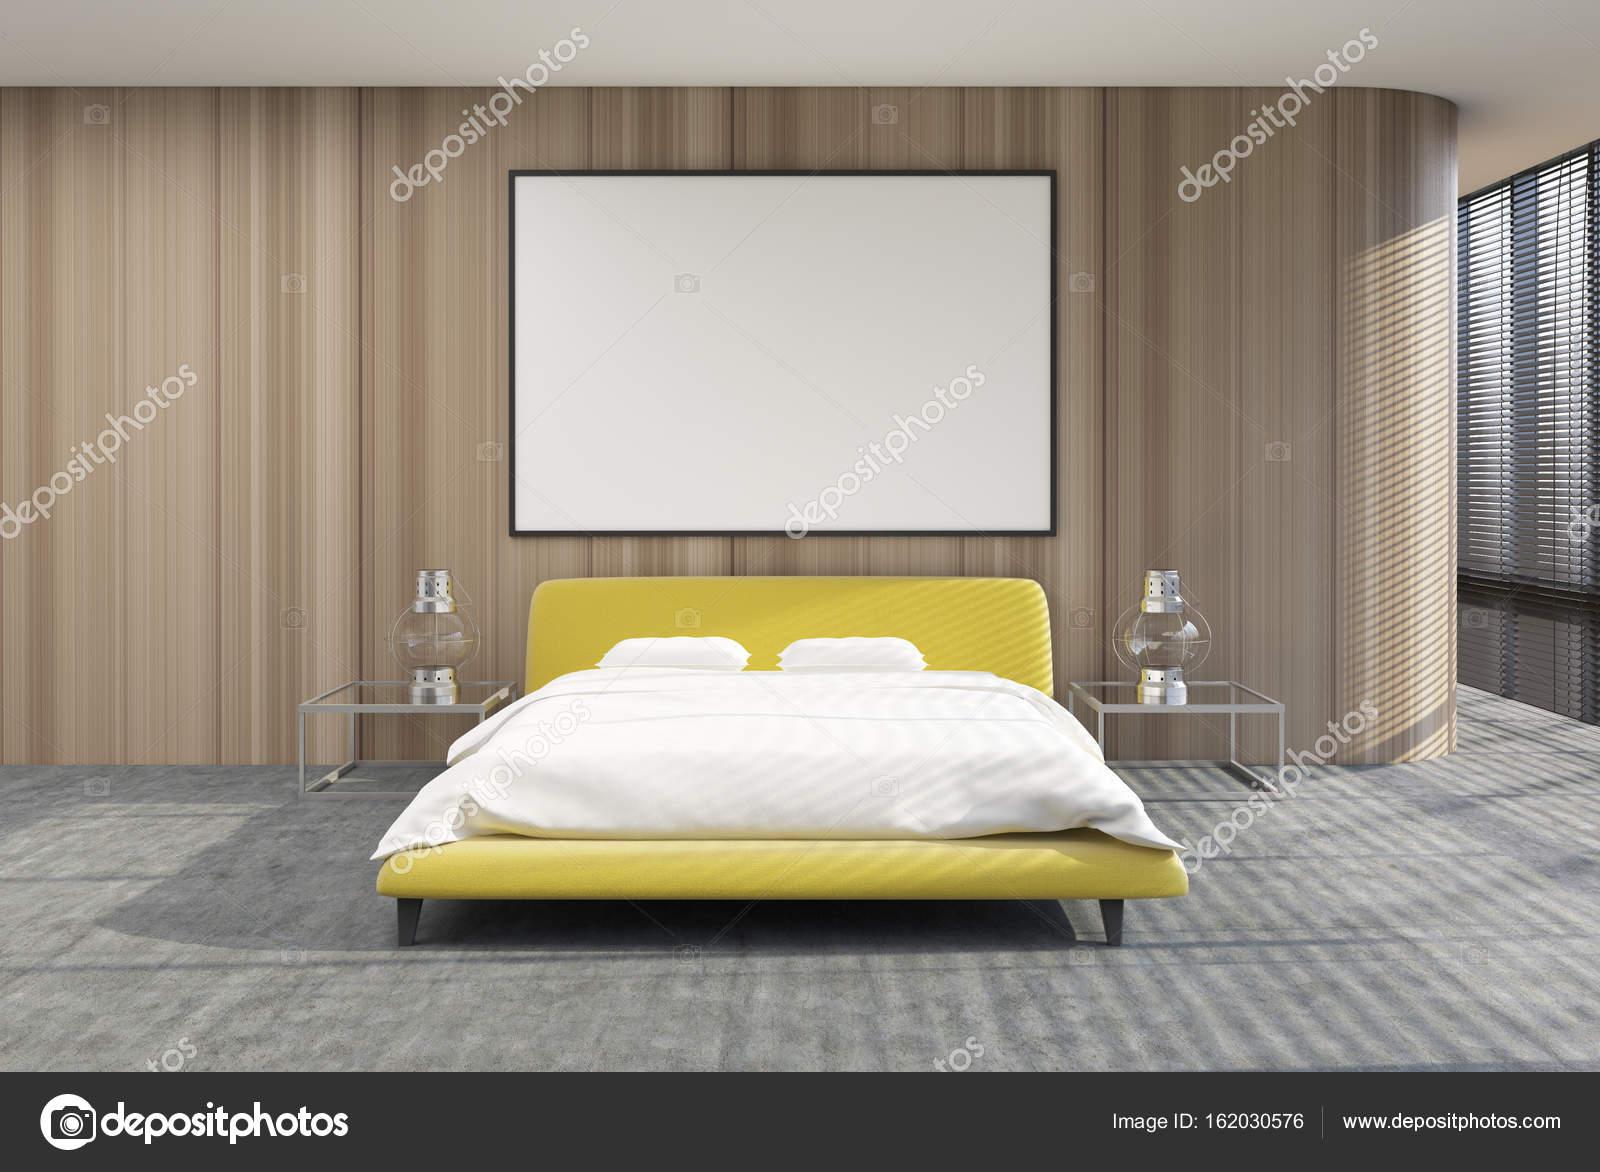 Loft slaapkamer interieur, tinten, geel bed poster — Stockfoto ...